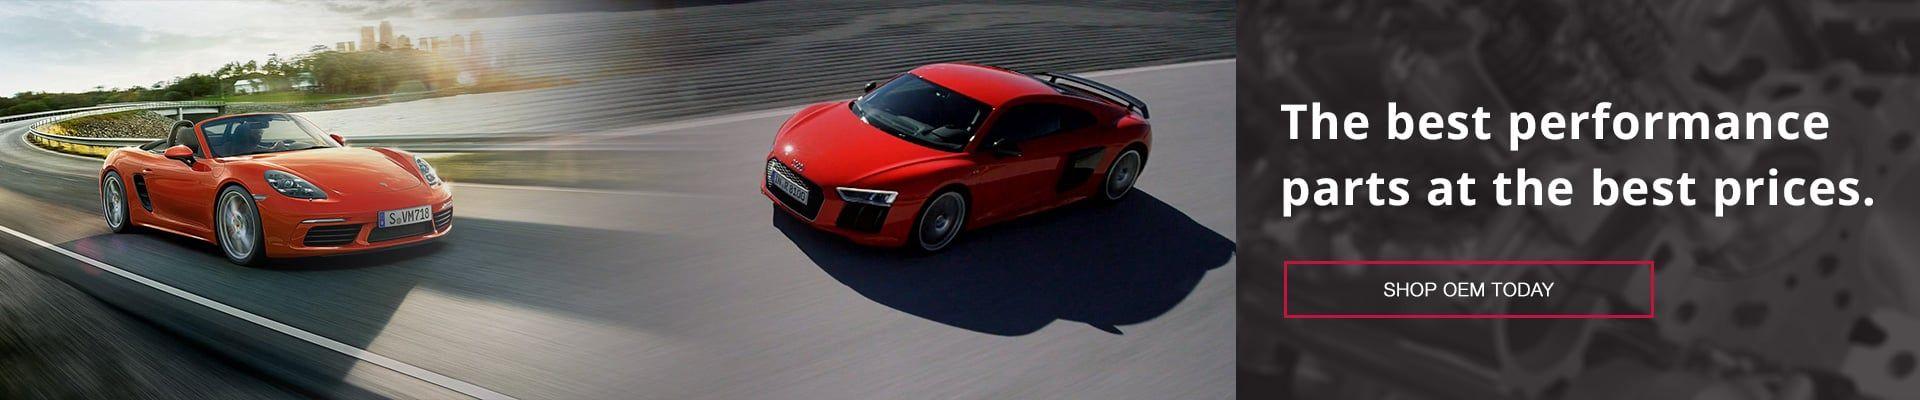 Performance Audi and Porsche Parts